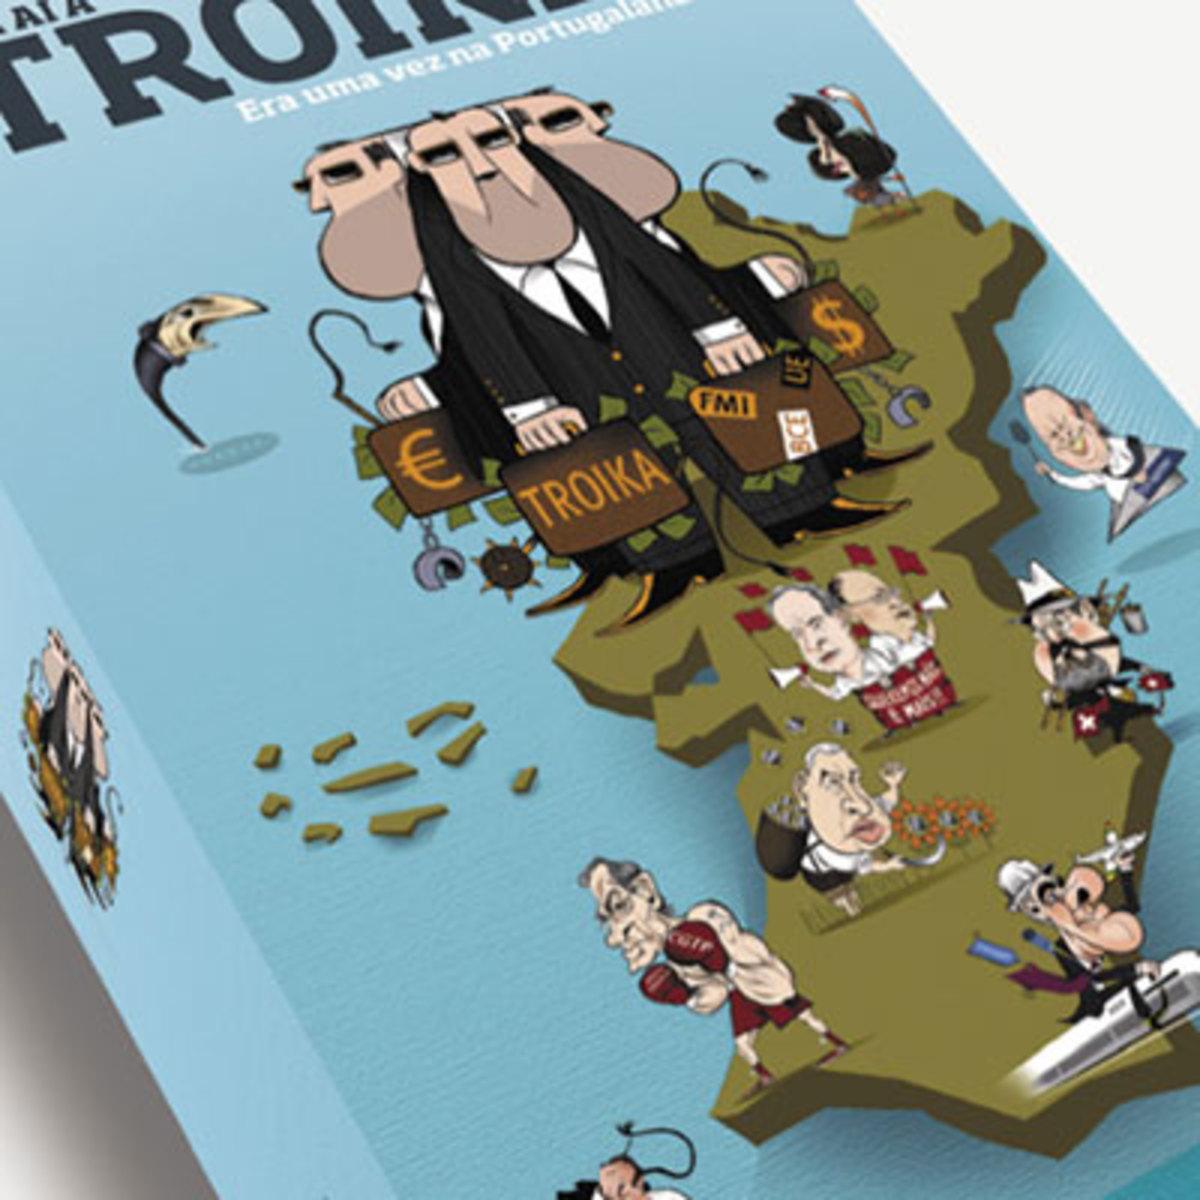 Το επιτραπέζιο που κάνει πάταγο: «Προσοχή έρχεται η τρόικα!» | Newsit.gr